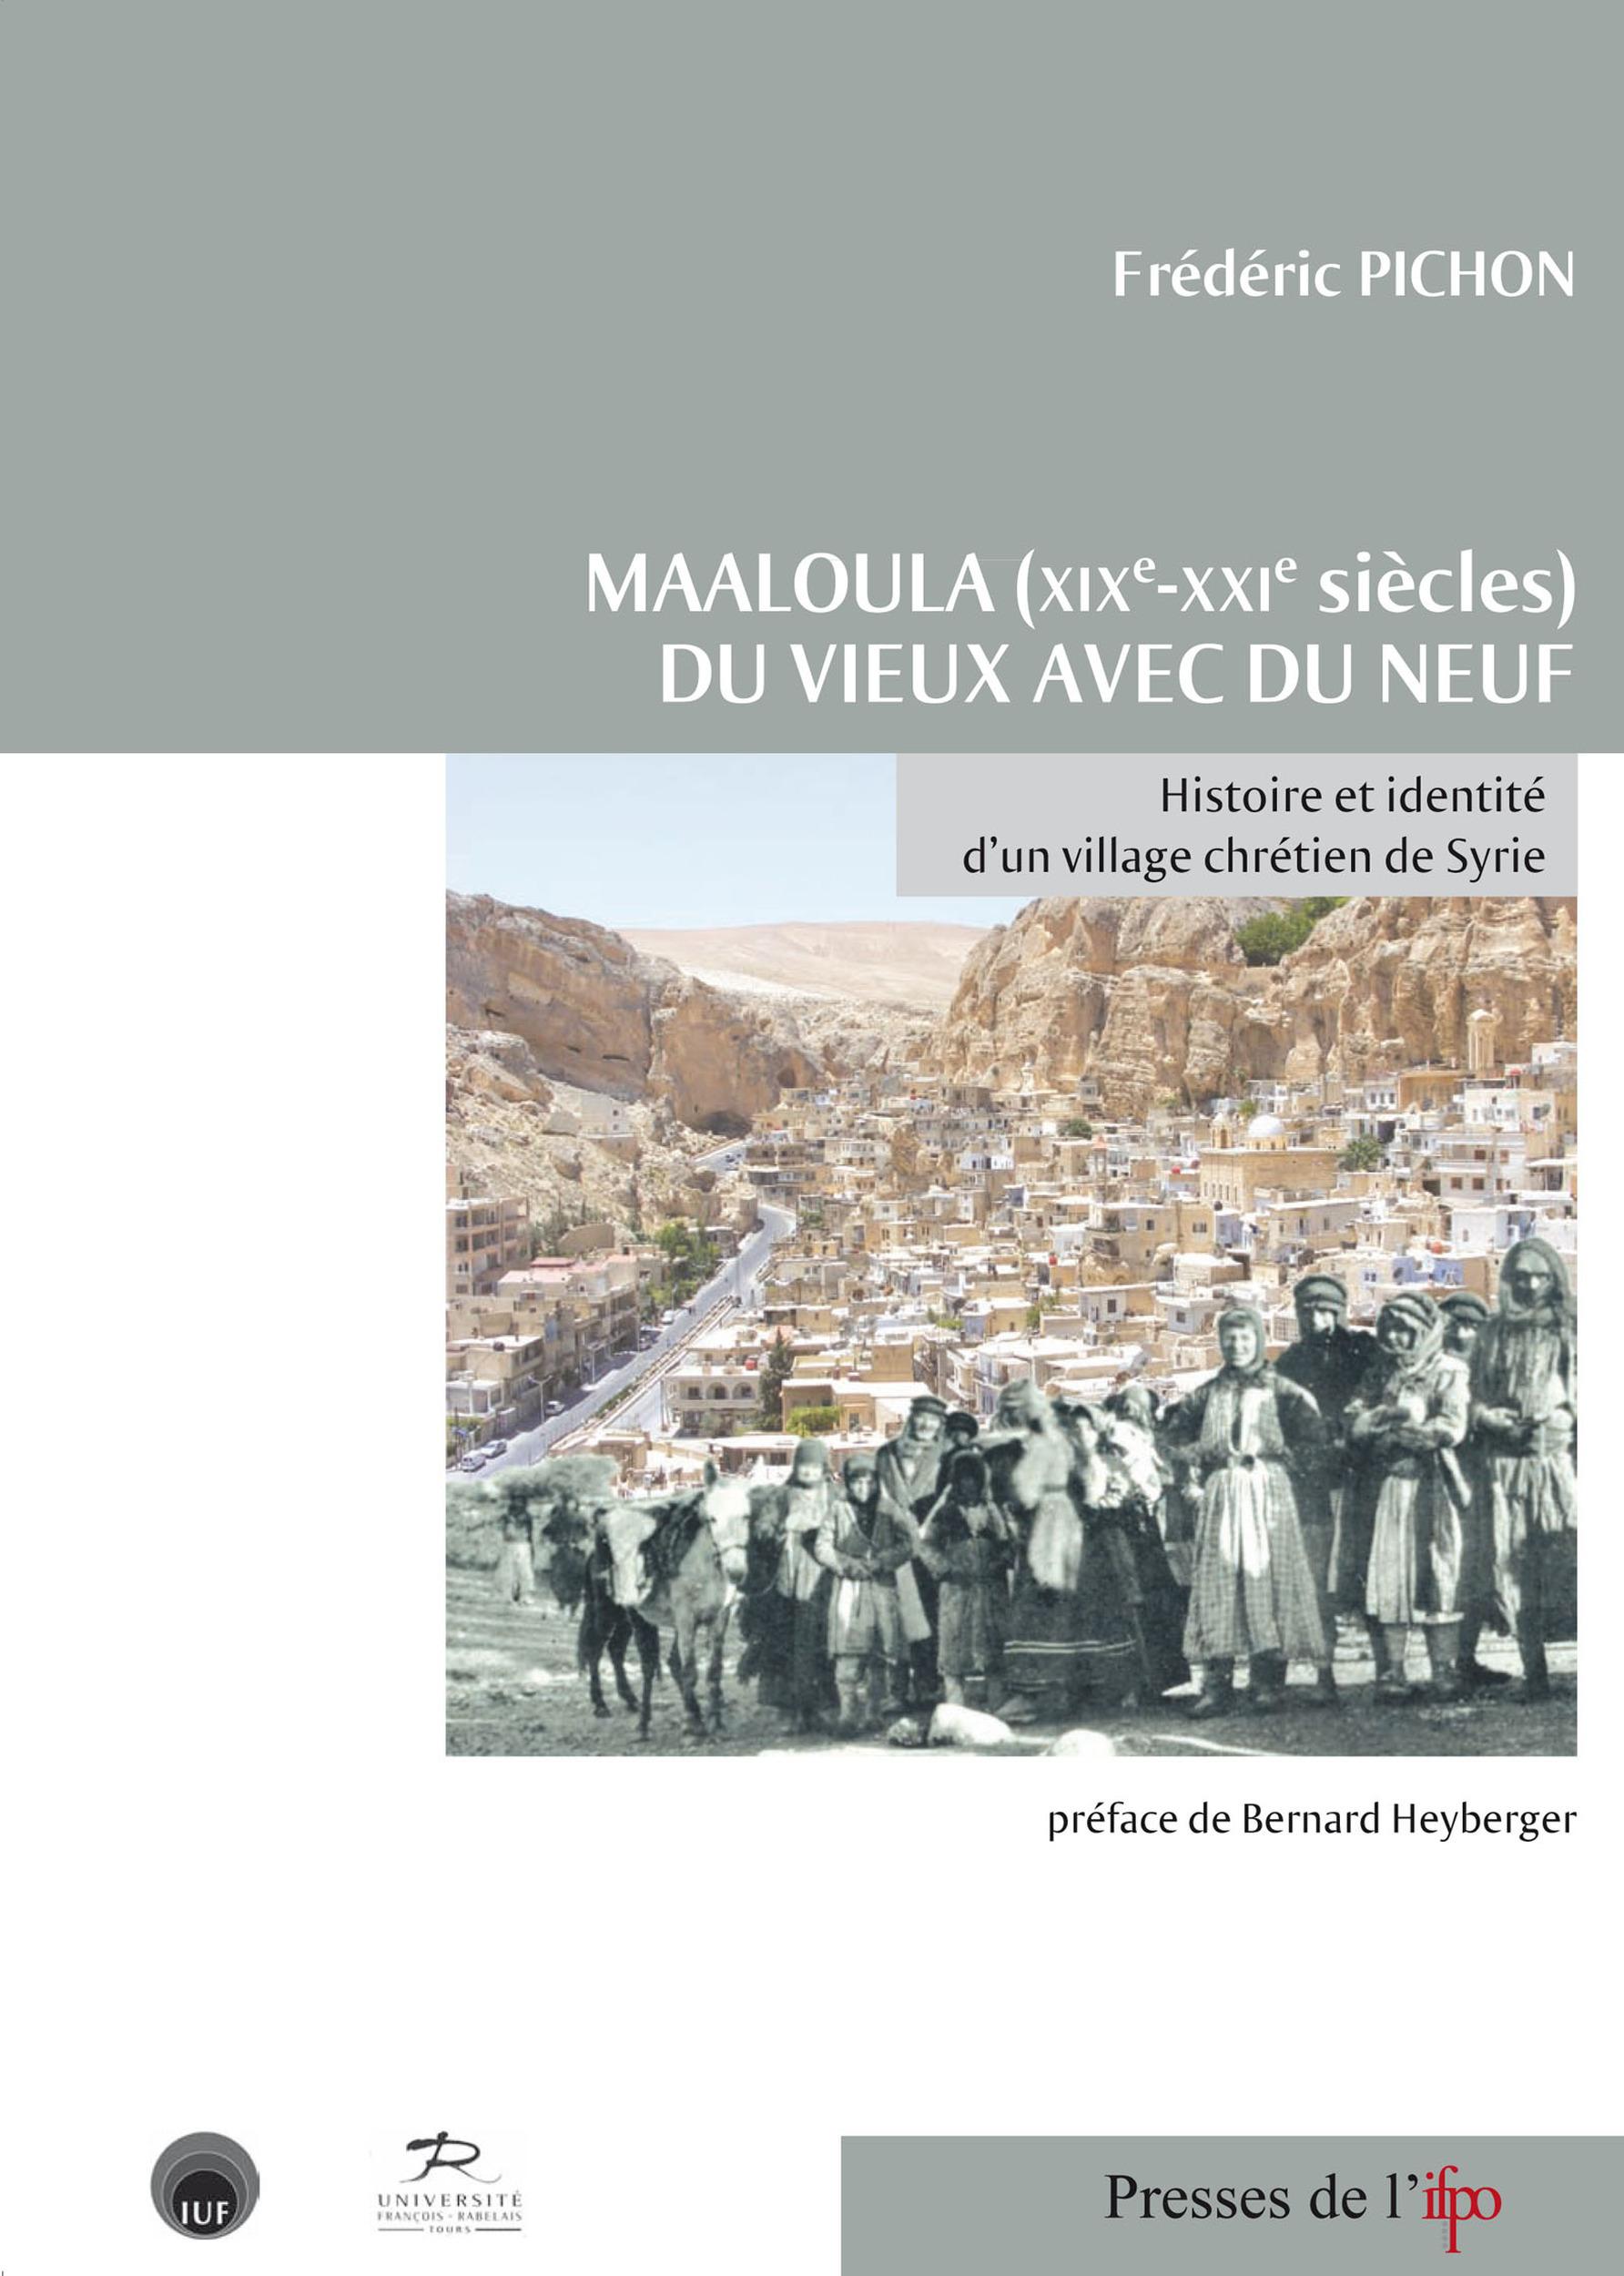 Maaloula (xixe-xxie) du vieux avec du neuf. histoire et identite d'un village chretien de s